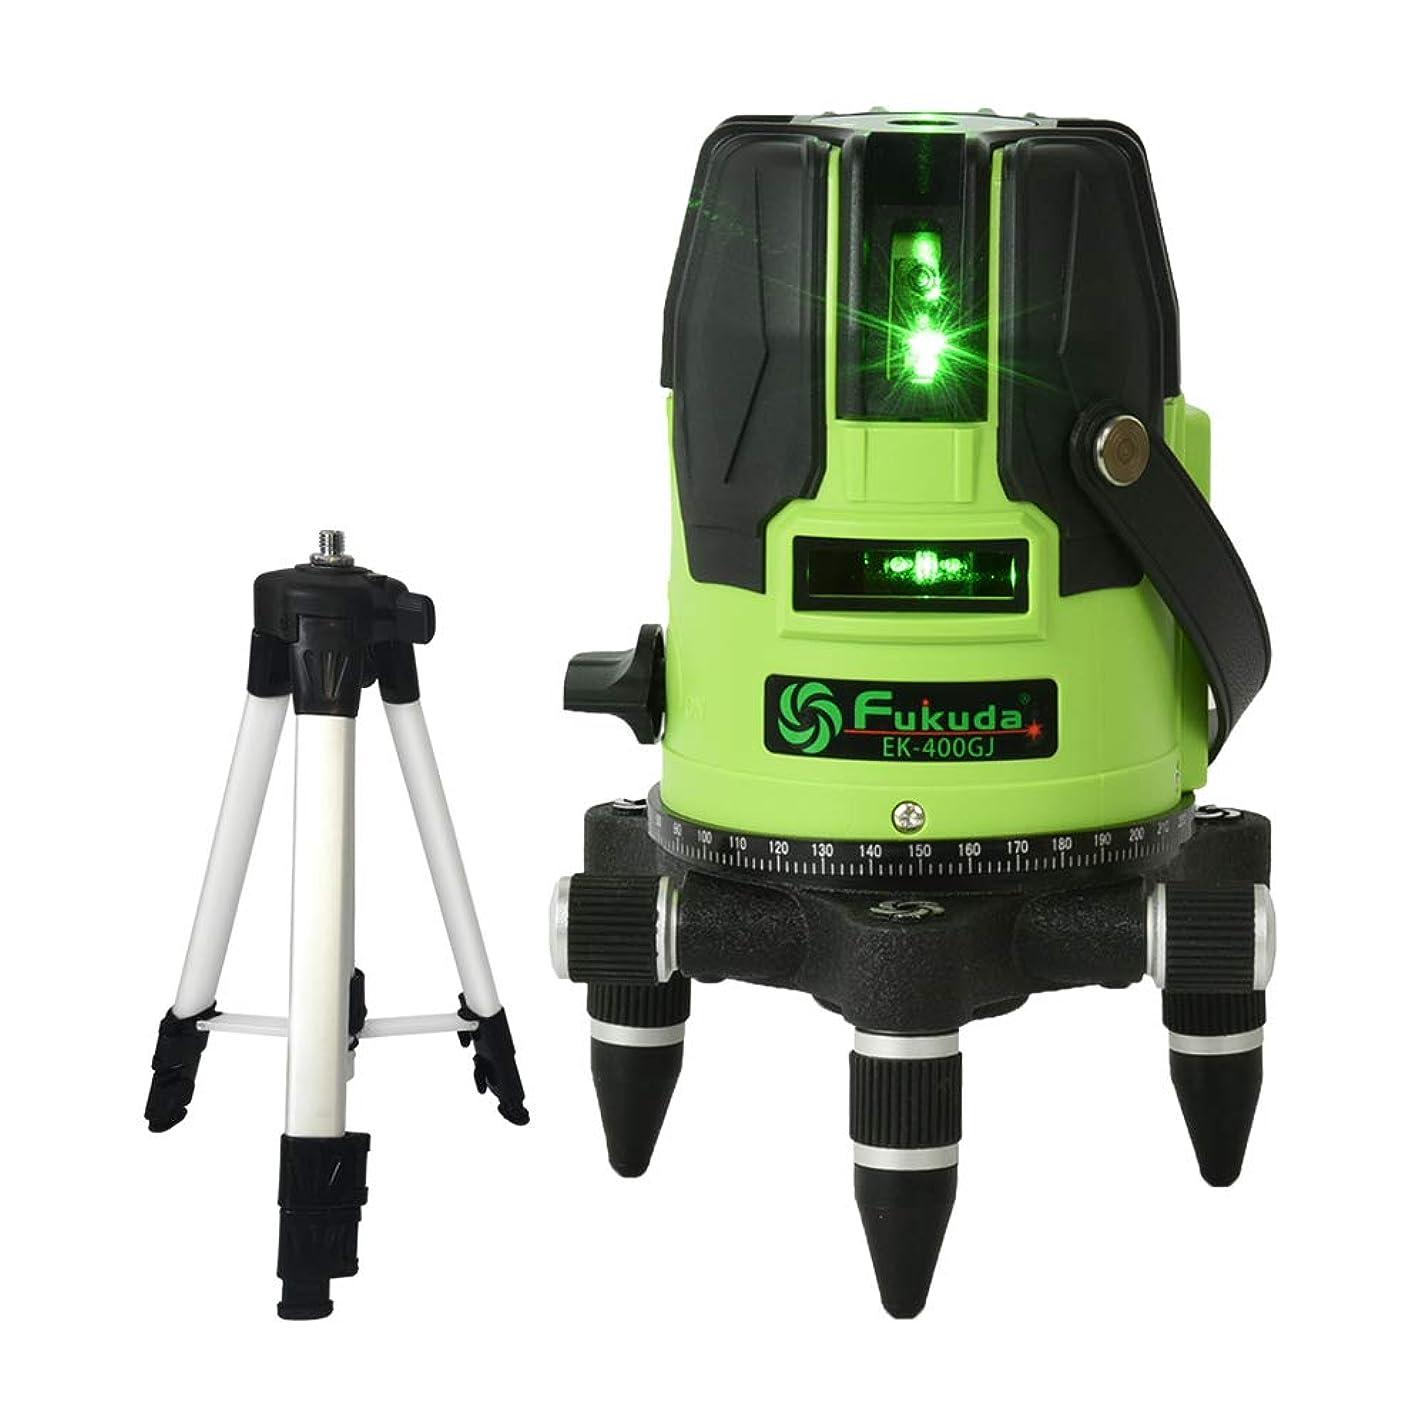 苦しみ出演者起きているFUKUDA 5ライン グリーンレーザー墨出し器+エレベーター三脚セット EK-400GJ リチウム電池+単3電池+ACアダプターも対応可能 4方向大矩照射モデル メーカー1年保証